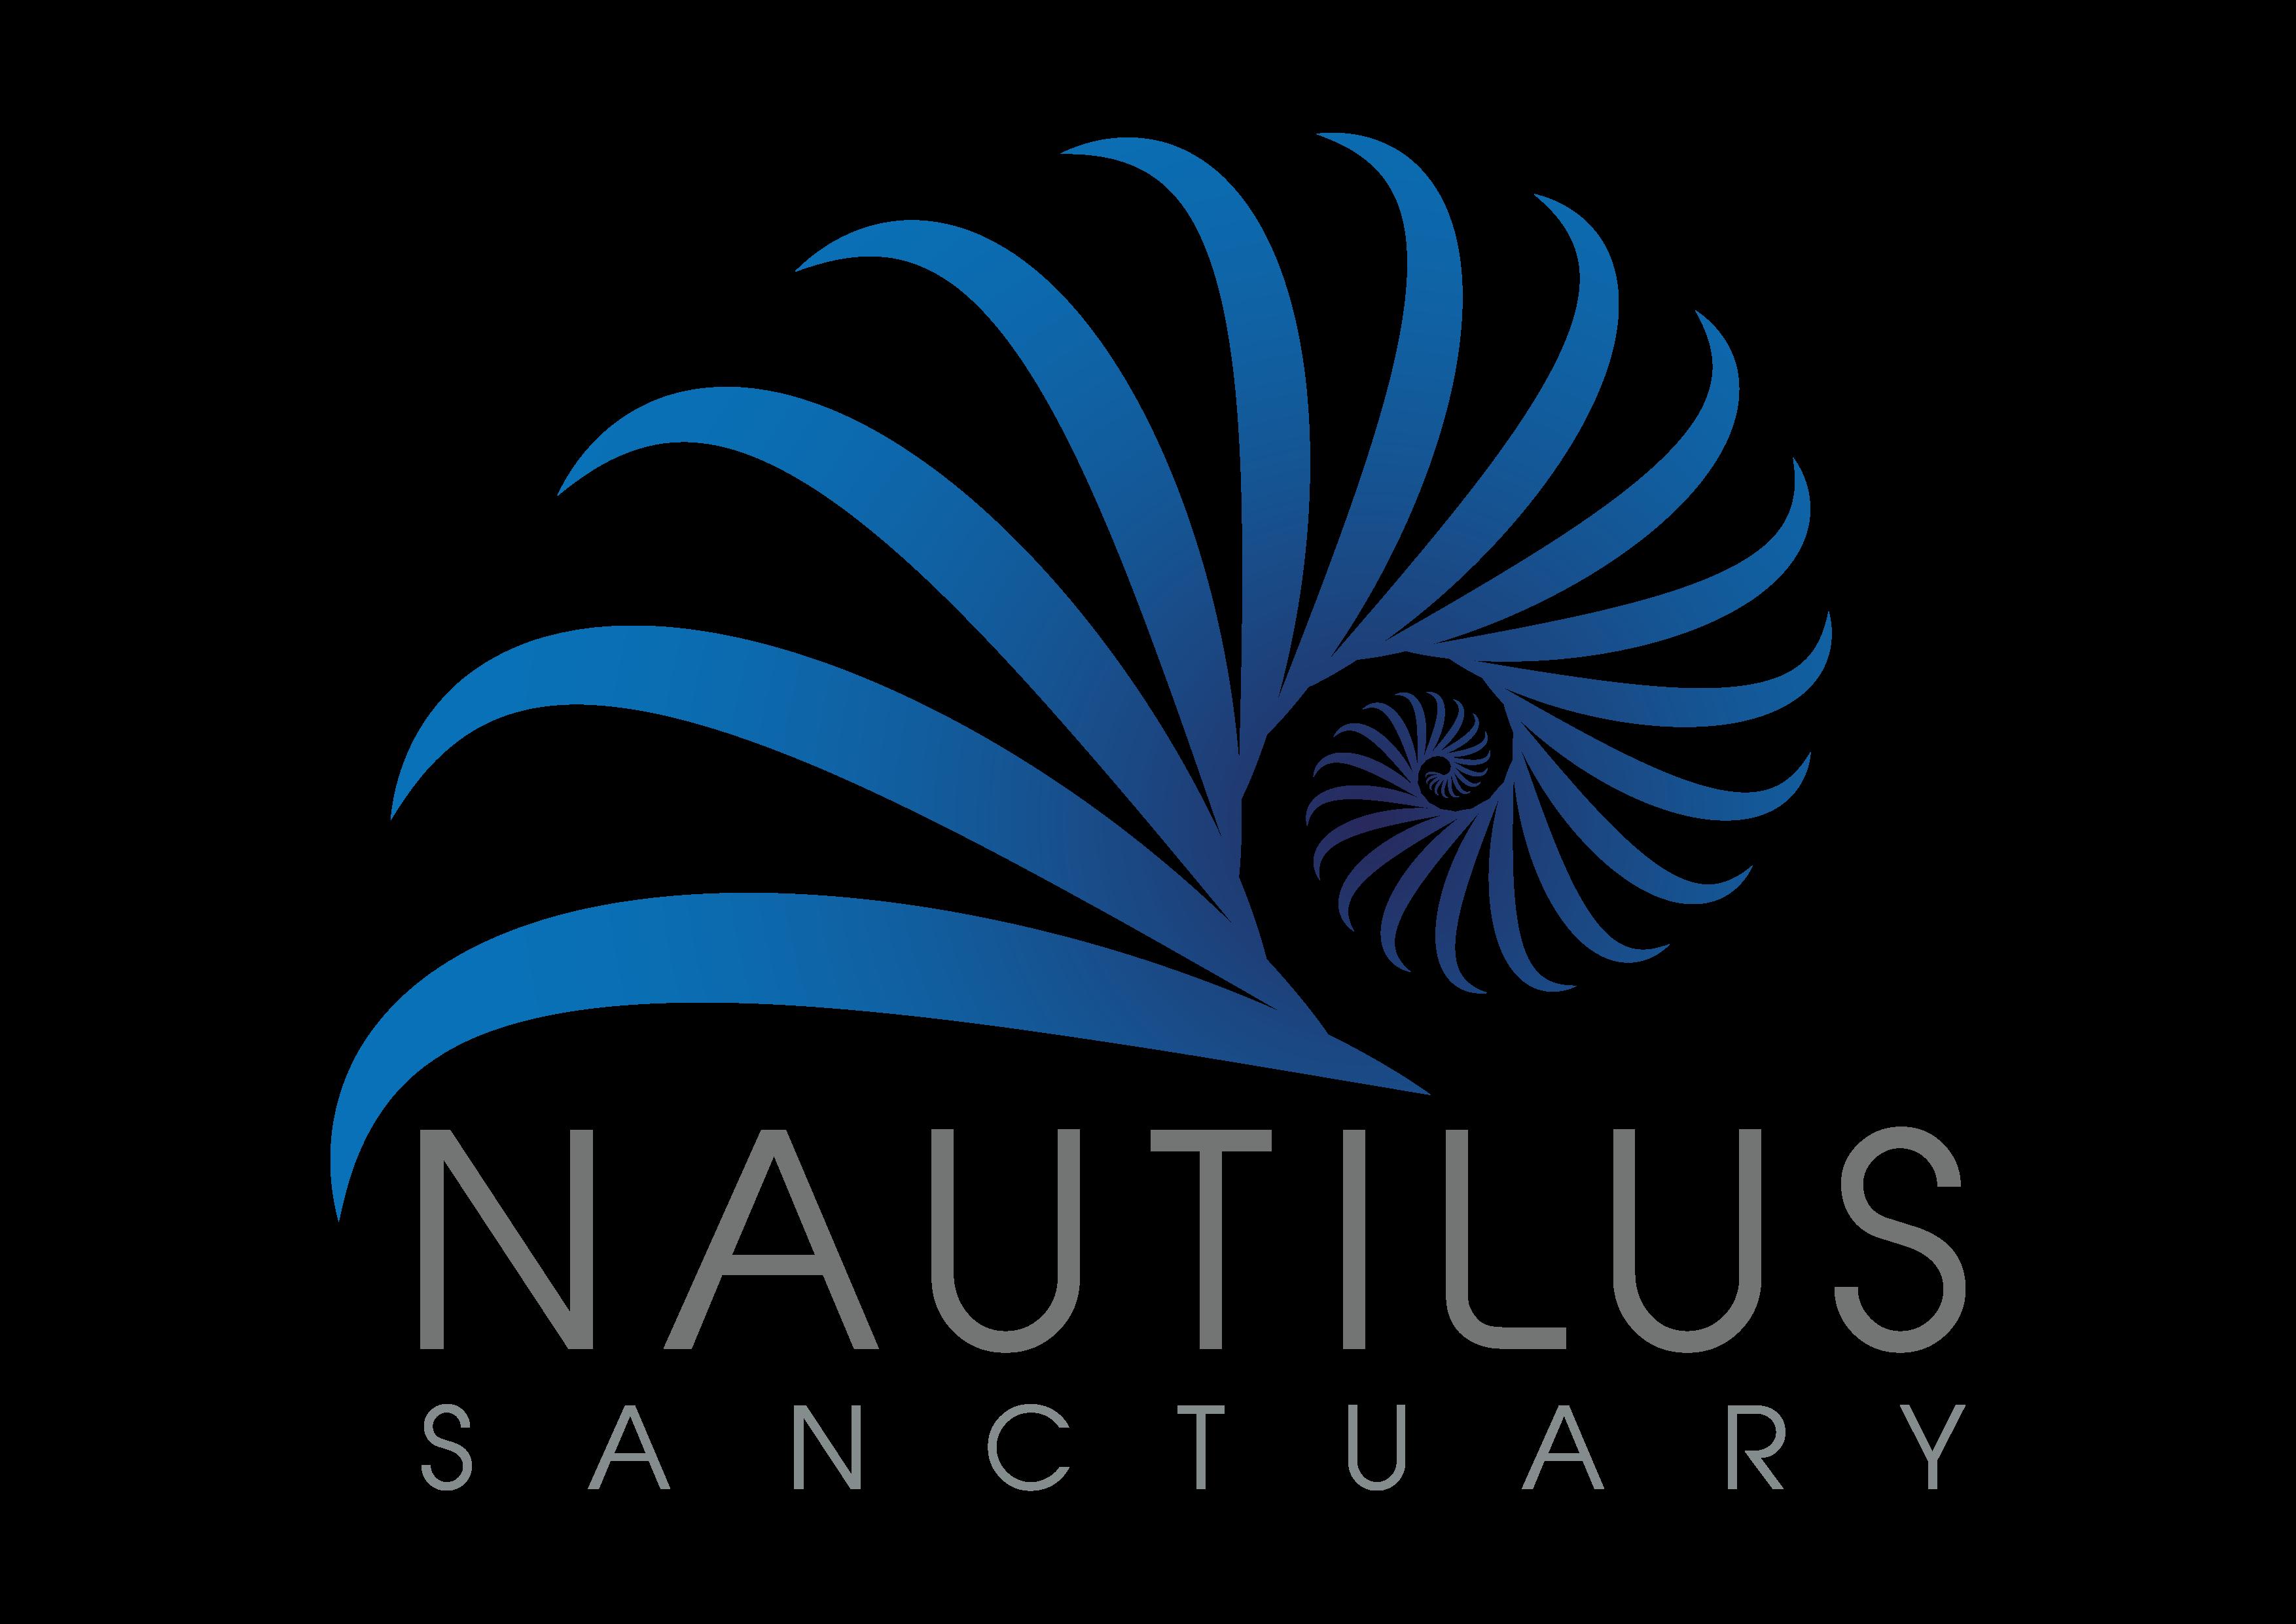 Nautilus Sanctuary